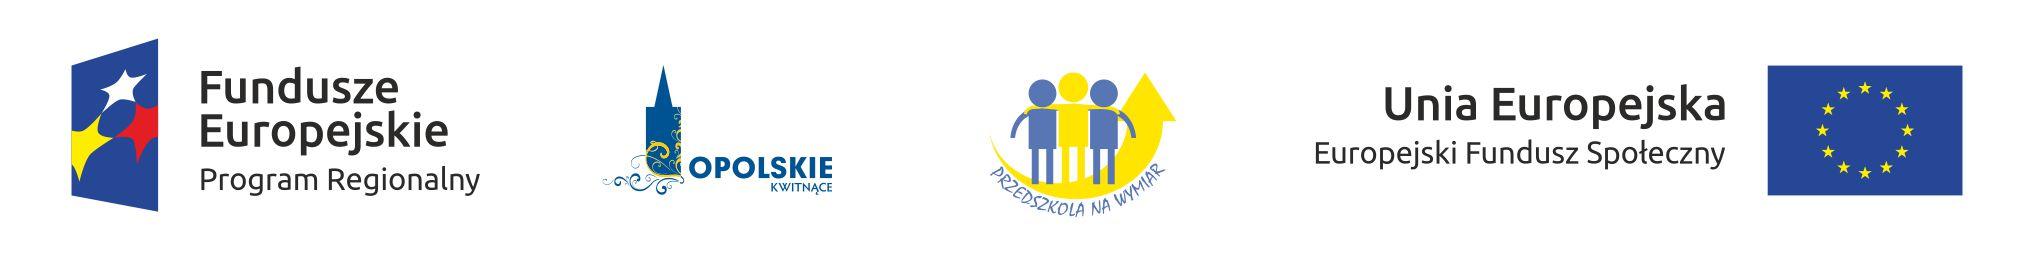 przedszkole na wymiar logo